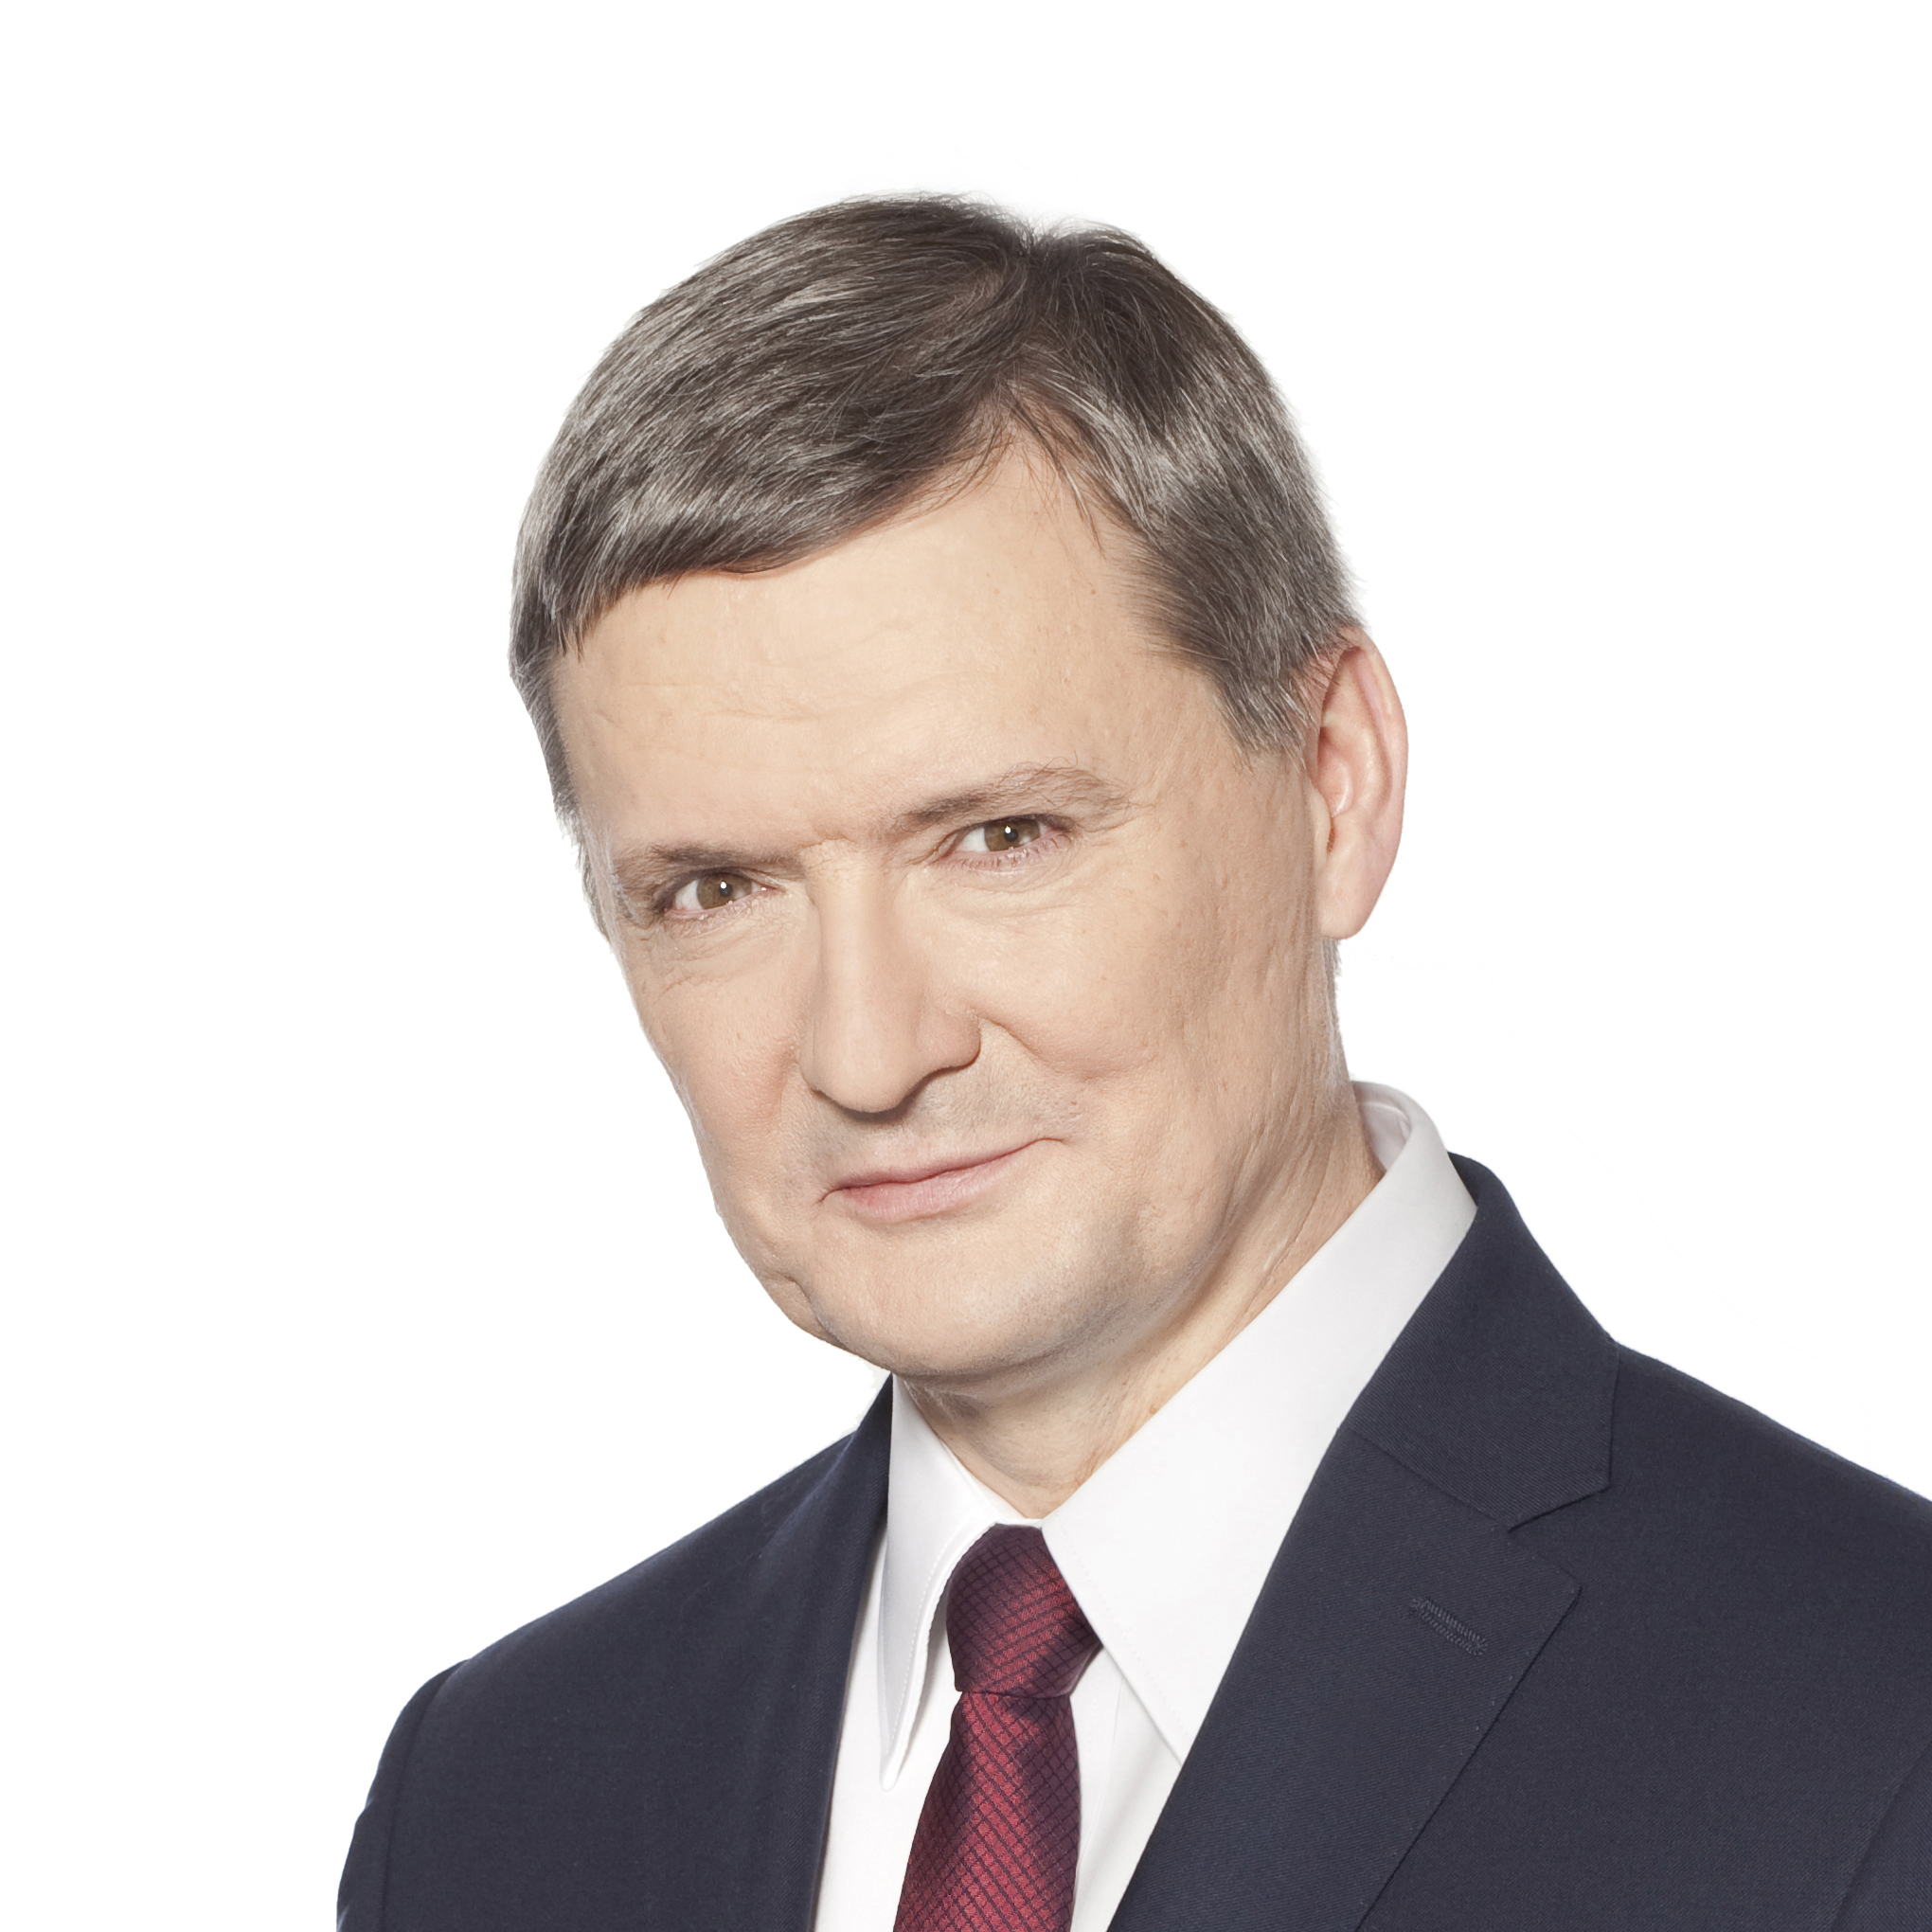 Wiceprezes spółki Krzysztof Pióro. Fot. mat. pras.